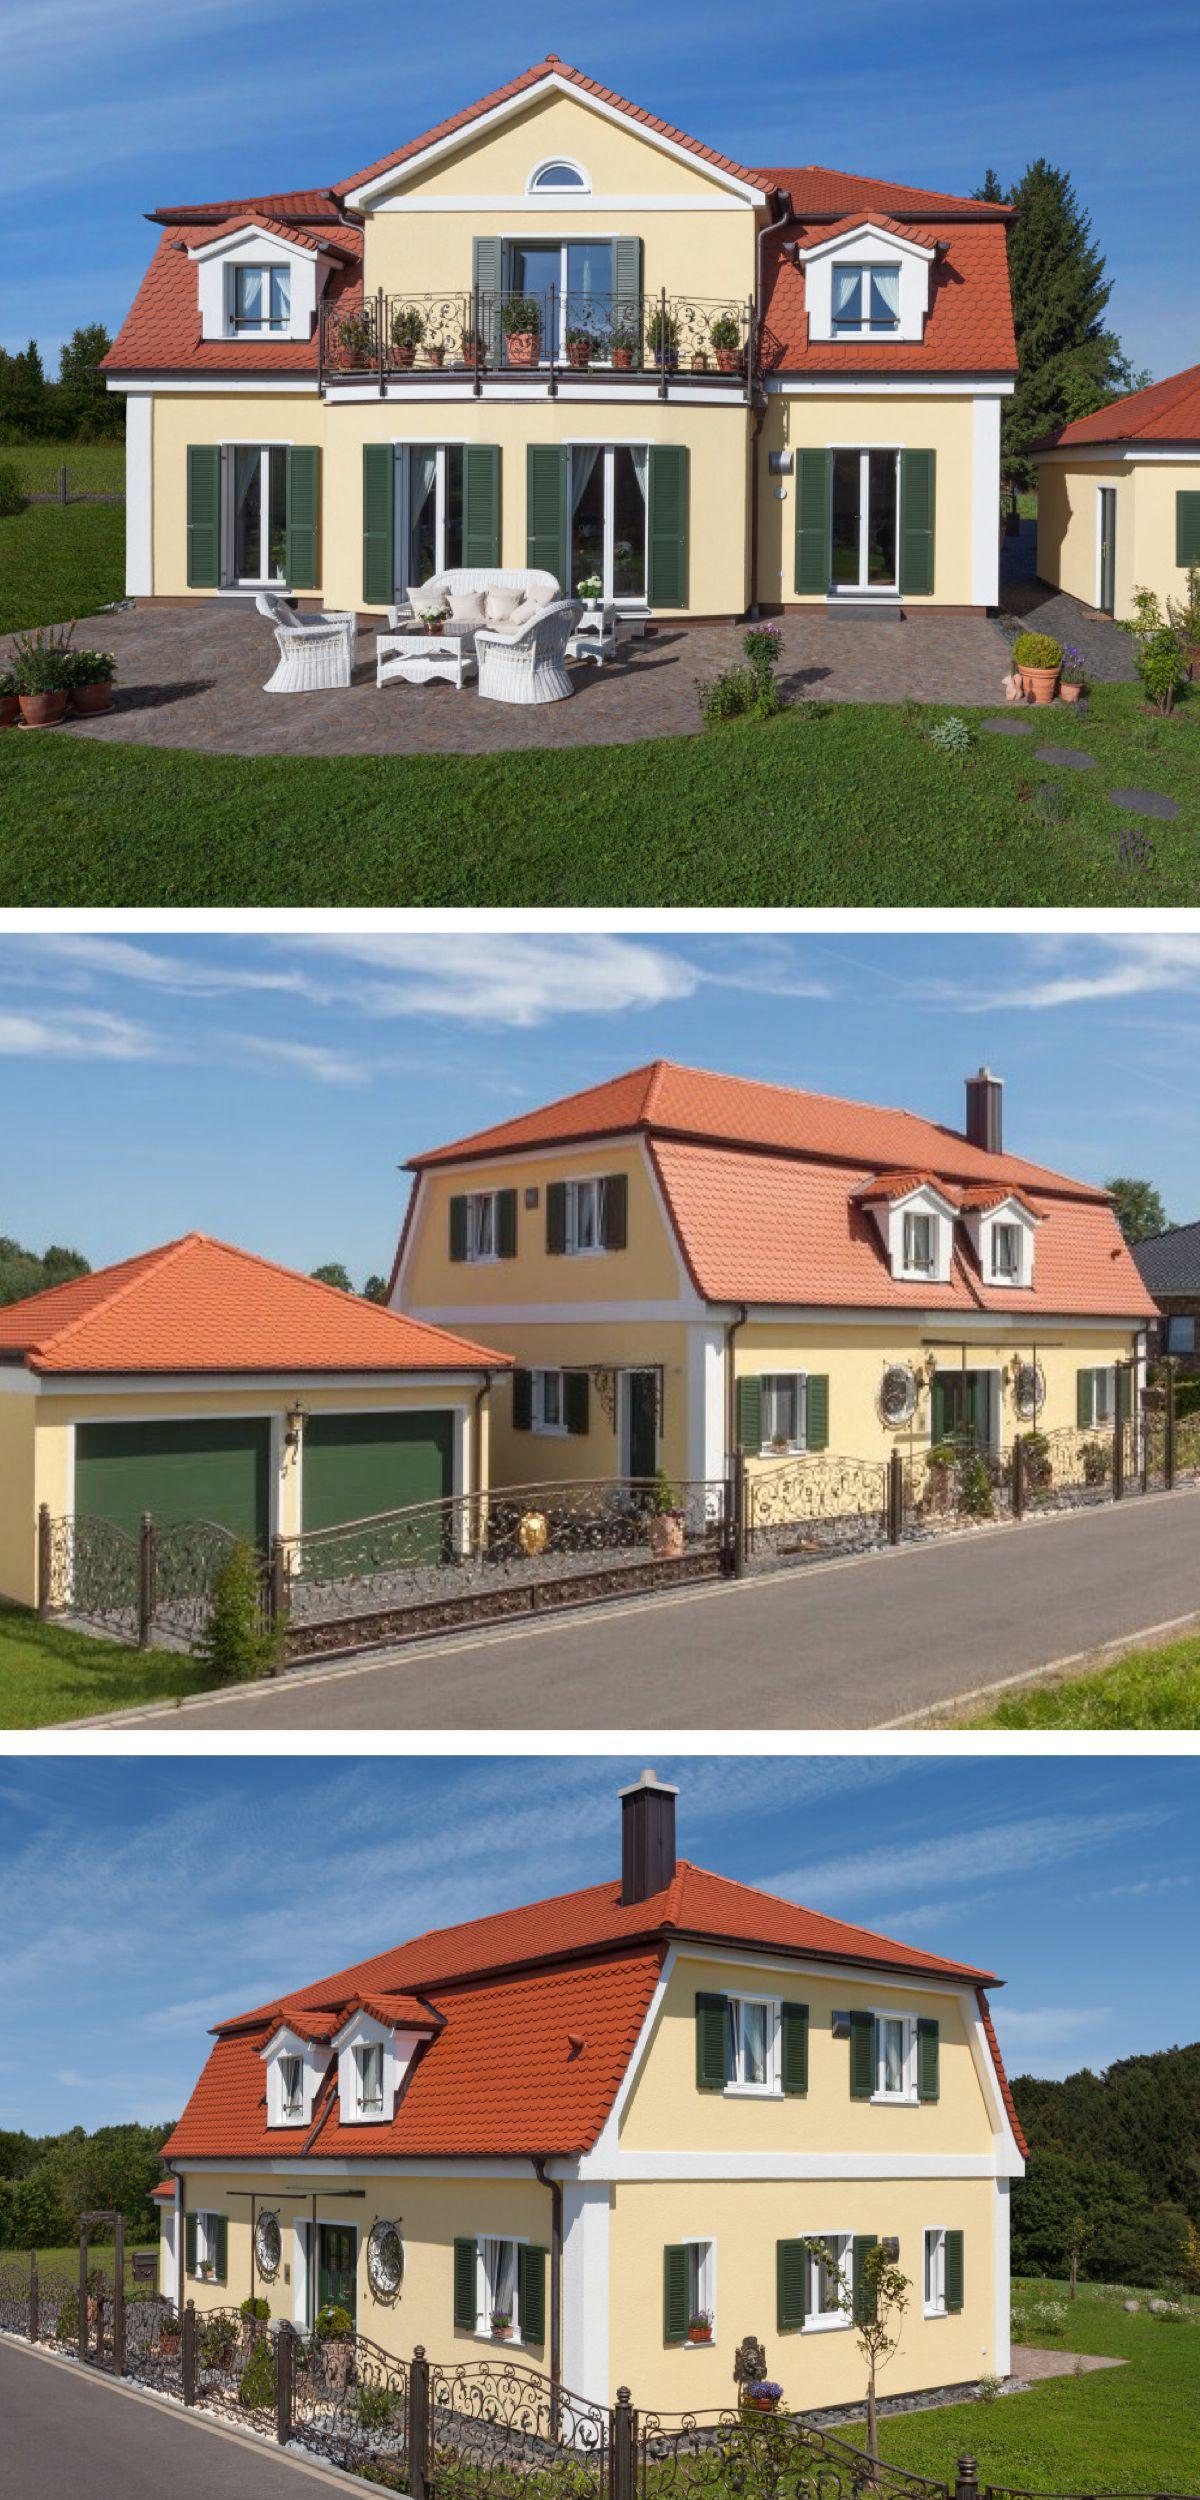 Landhaus Mit Mansarddach Fertighaus Lieser Von Baufritz